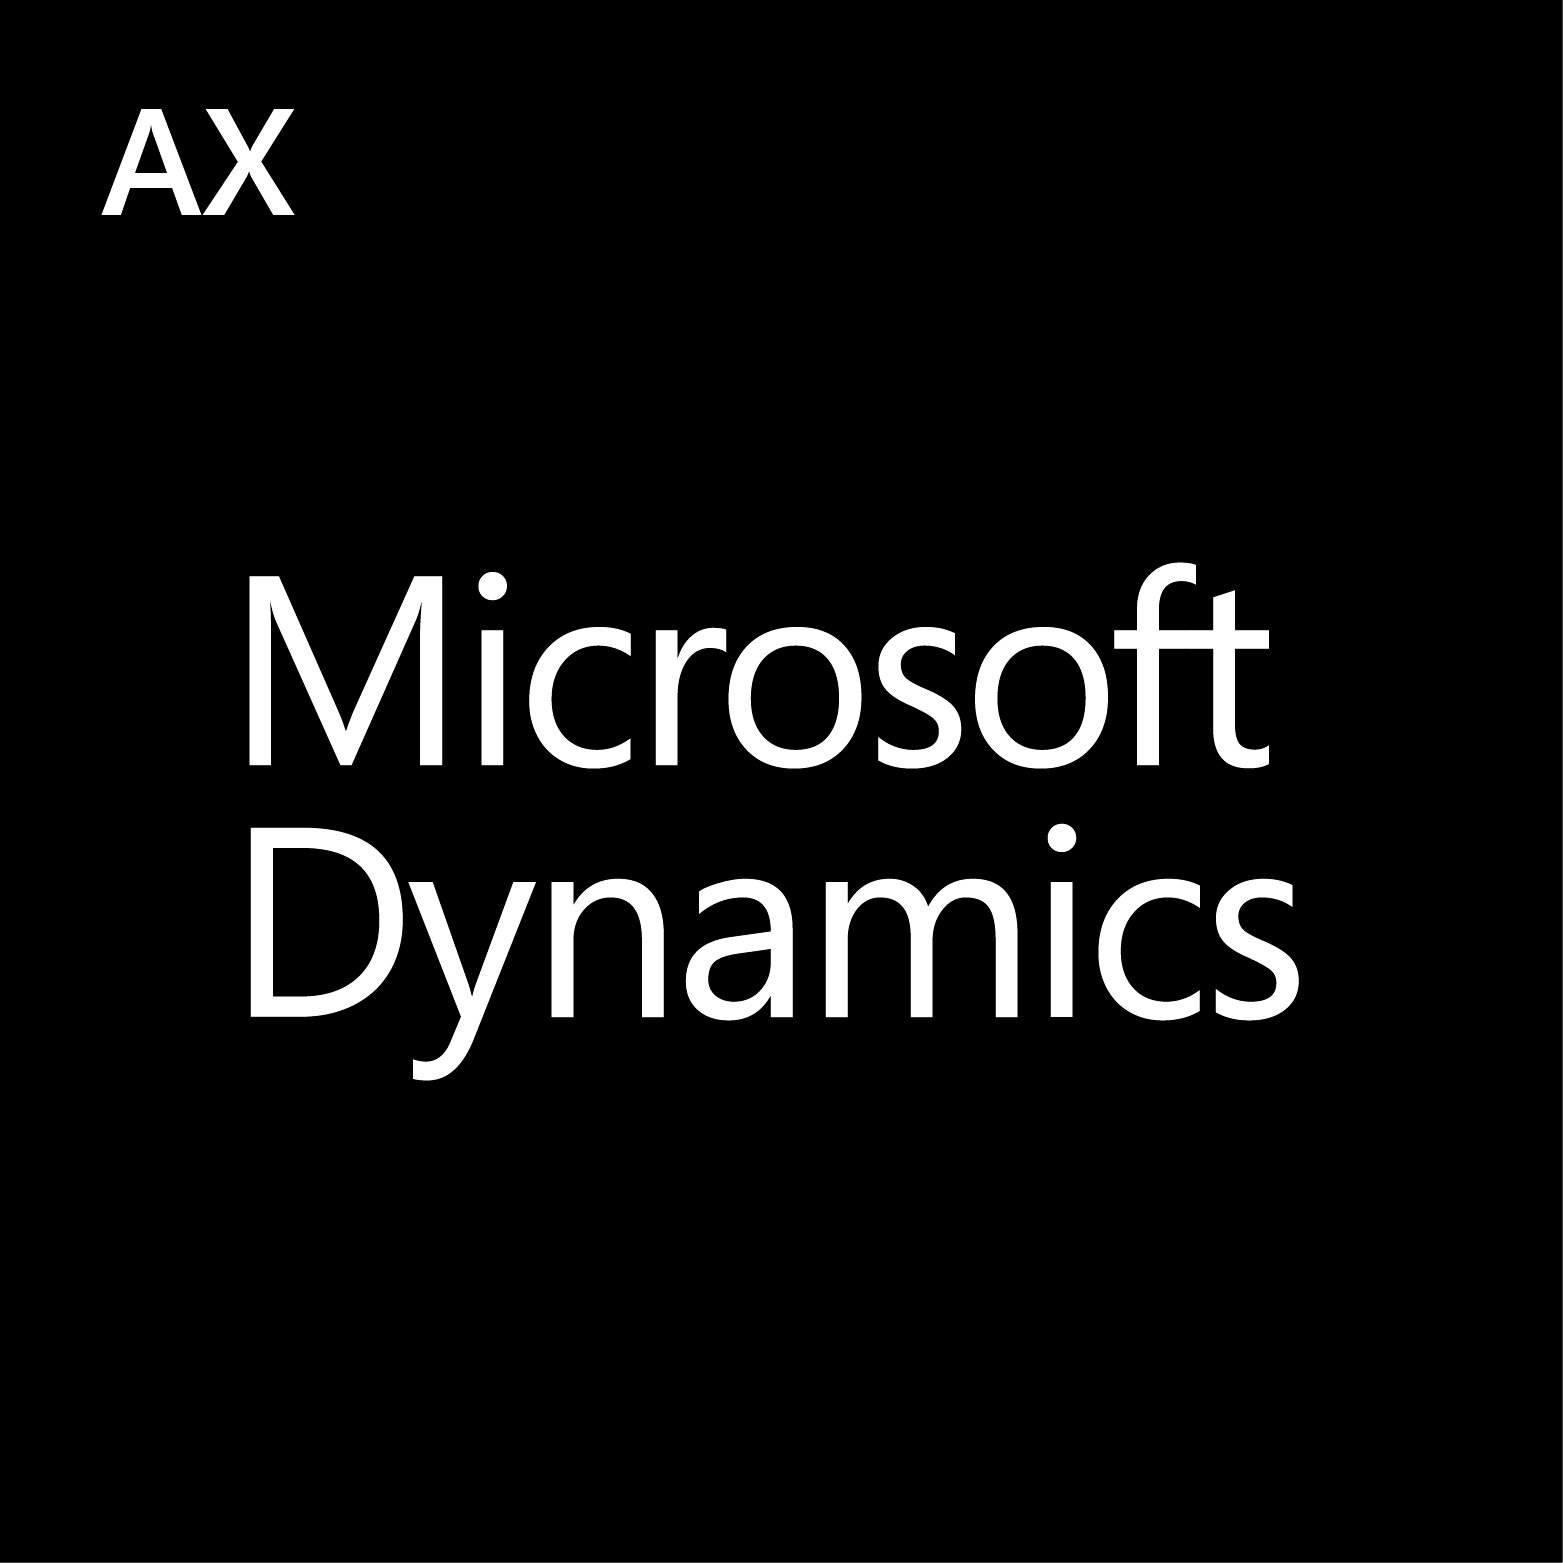 microsoft-dynamics-ax-logo-joor-integration-partner.jpg